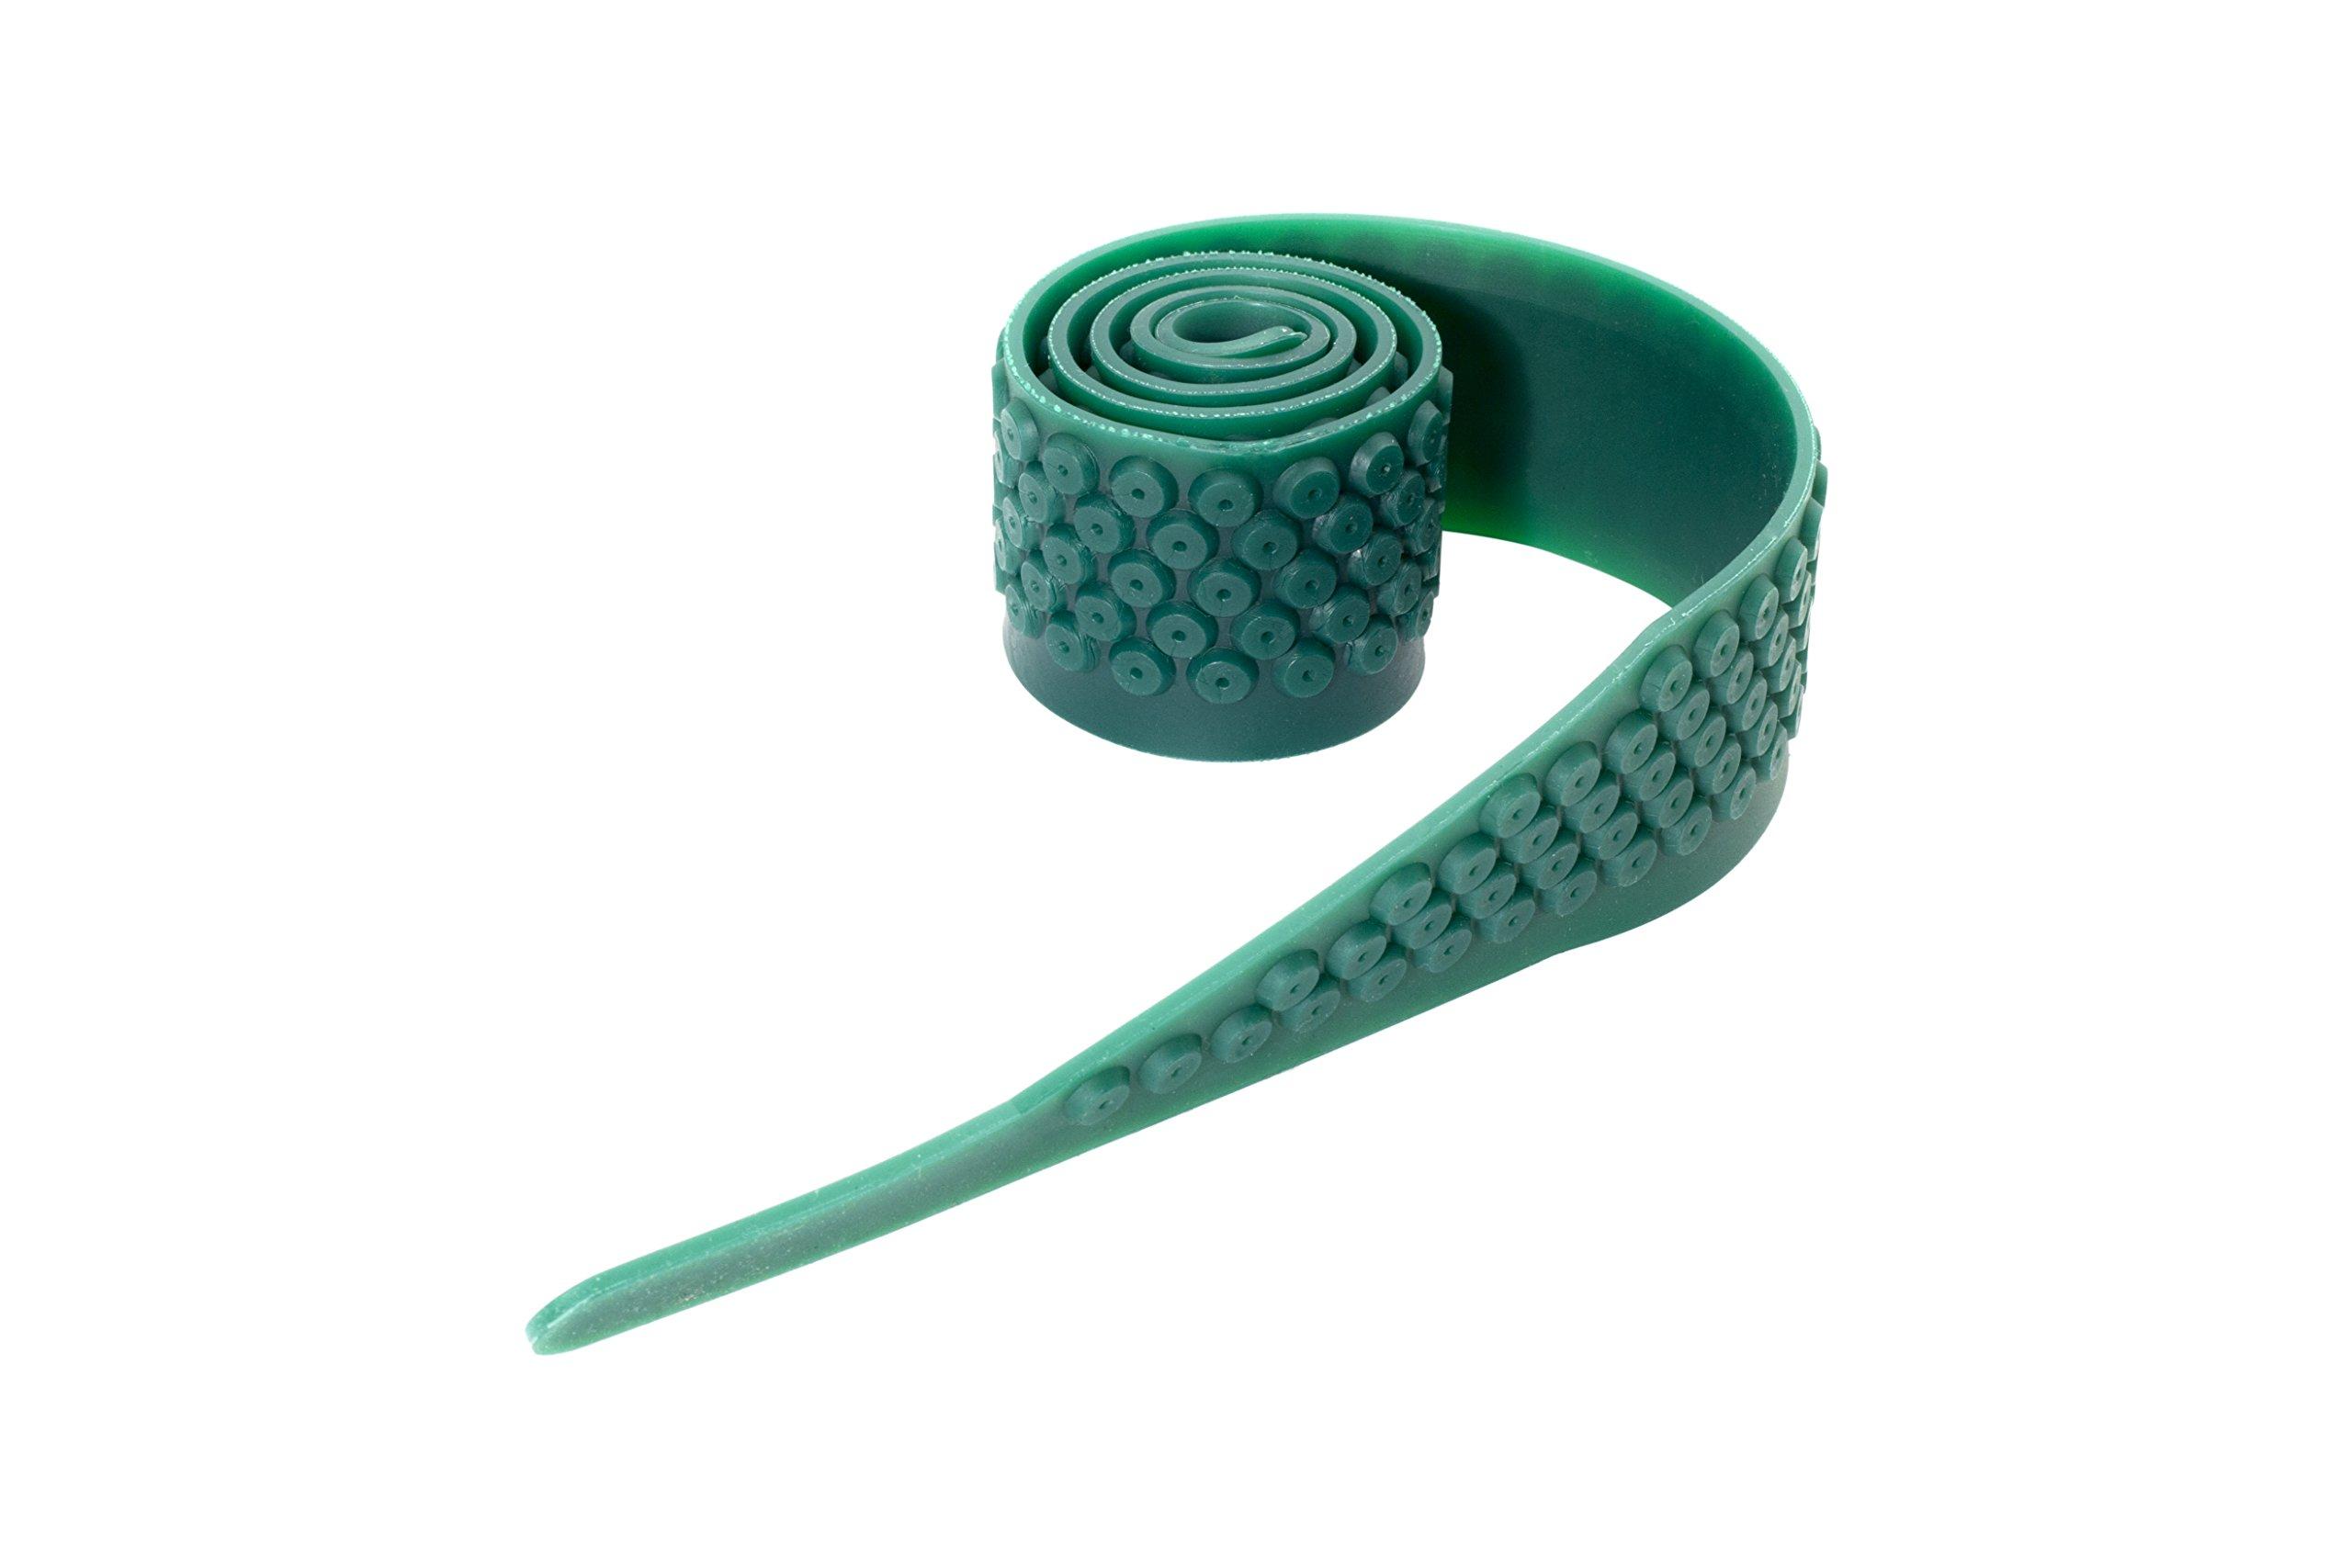 """Limbsaver Comfort-Tech 24016 Power/Hand Tool Grip Wrap, 24"""", Green"""